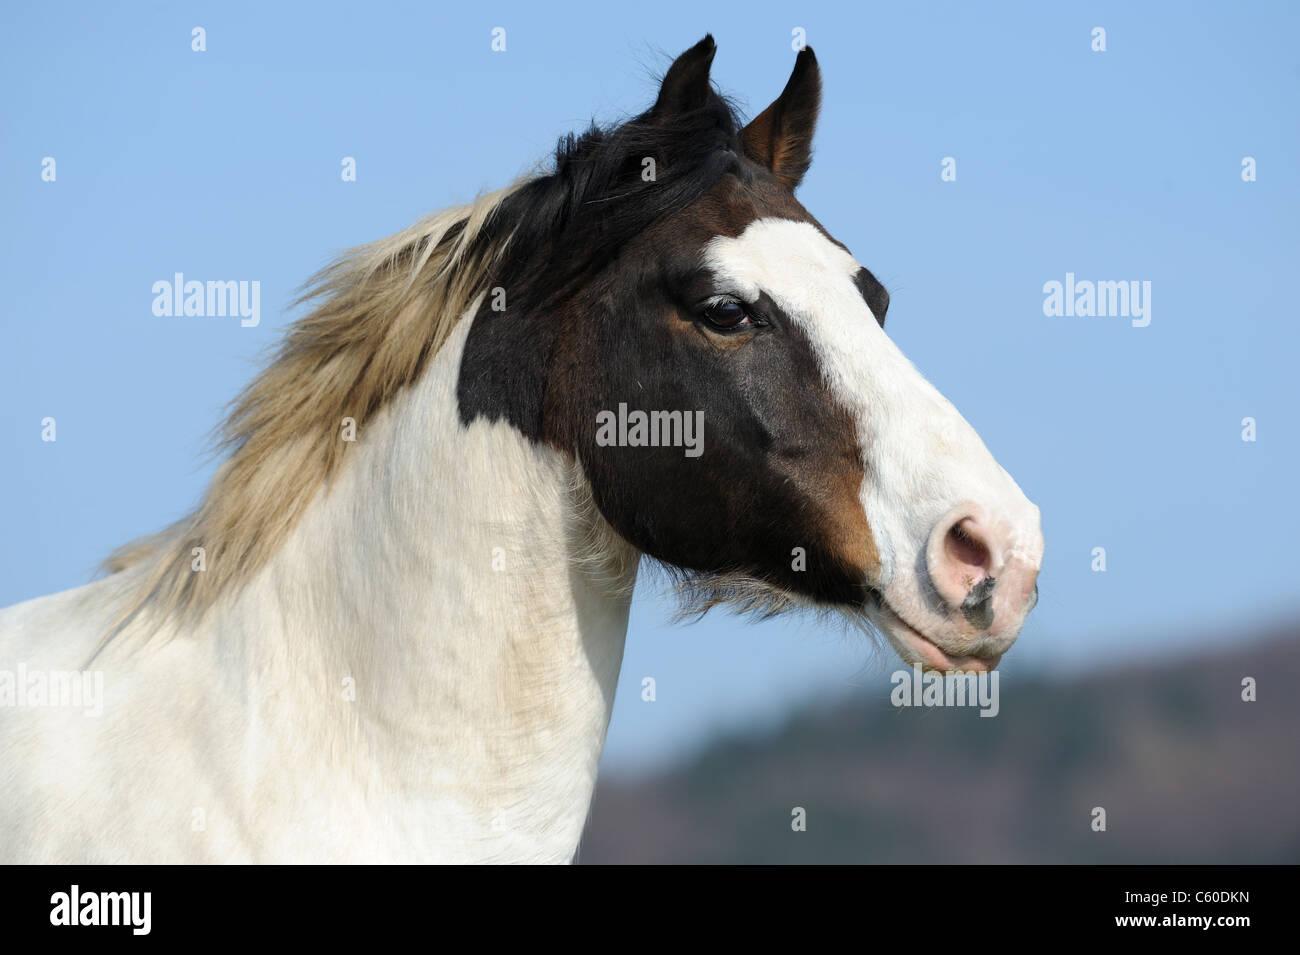 Paint Horse (Equus ferus caballus). Portrait of a gelding. - Stock Image